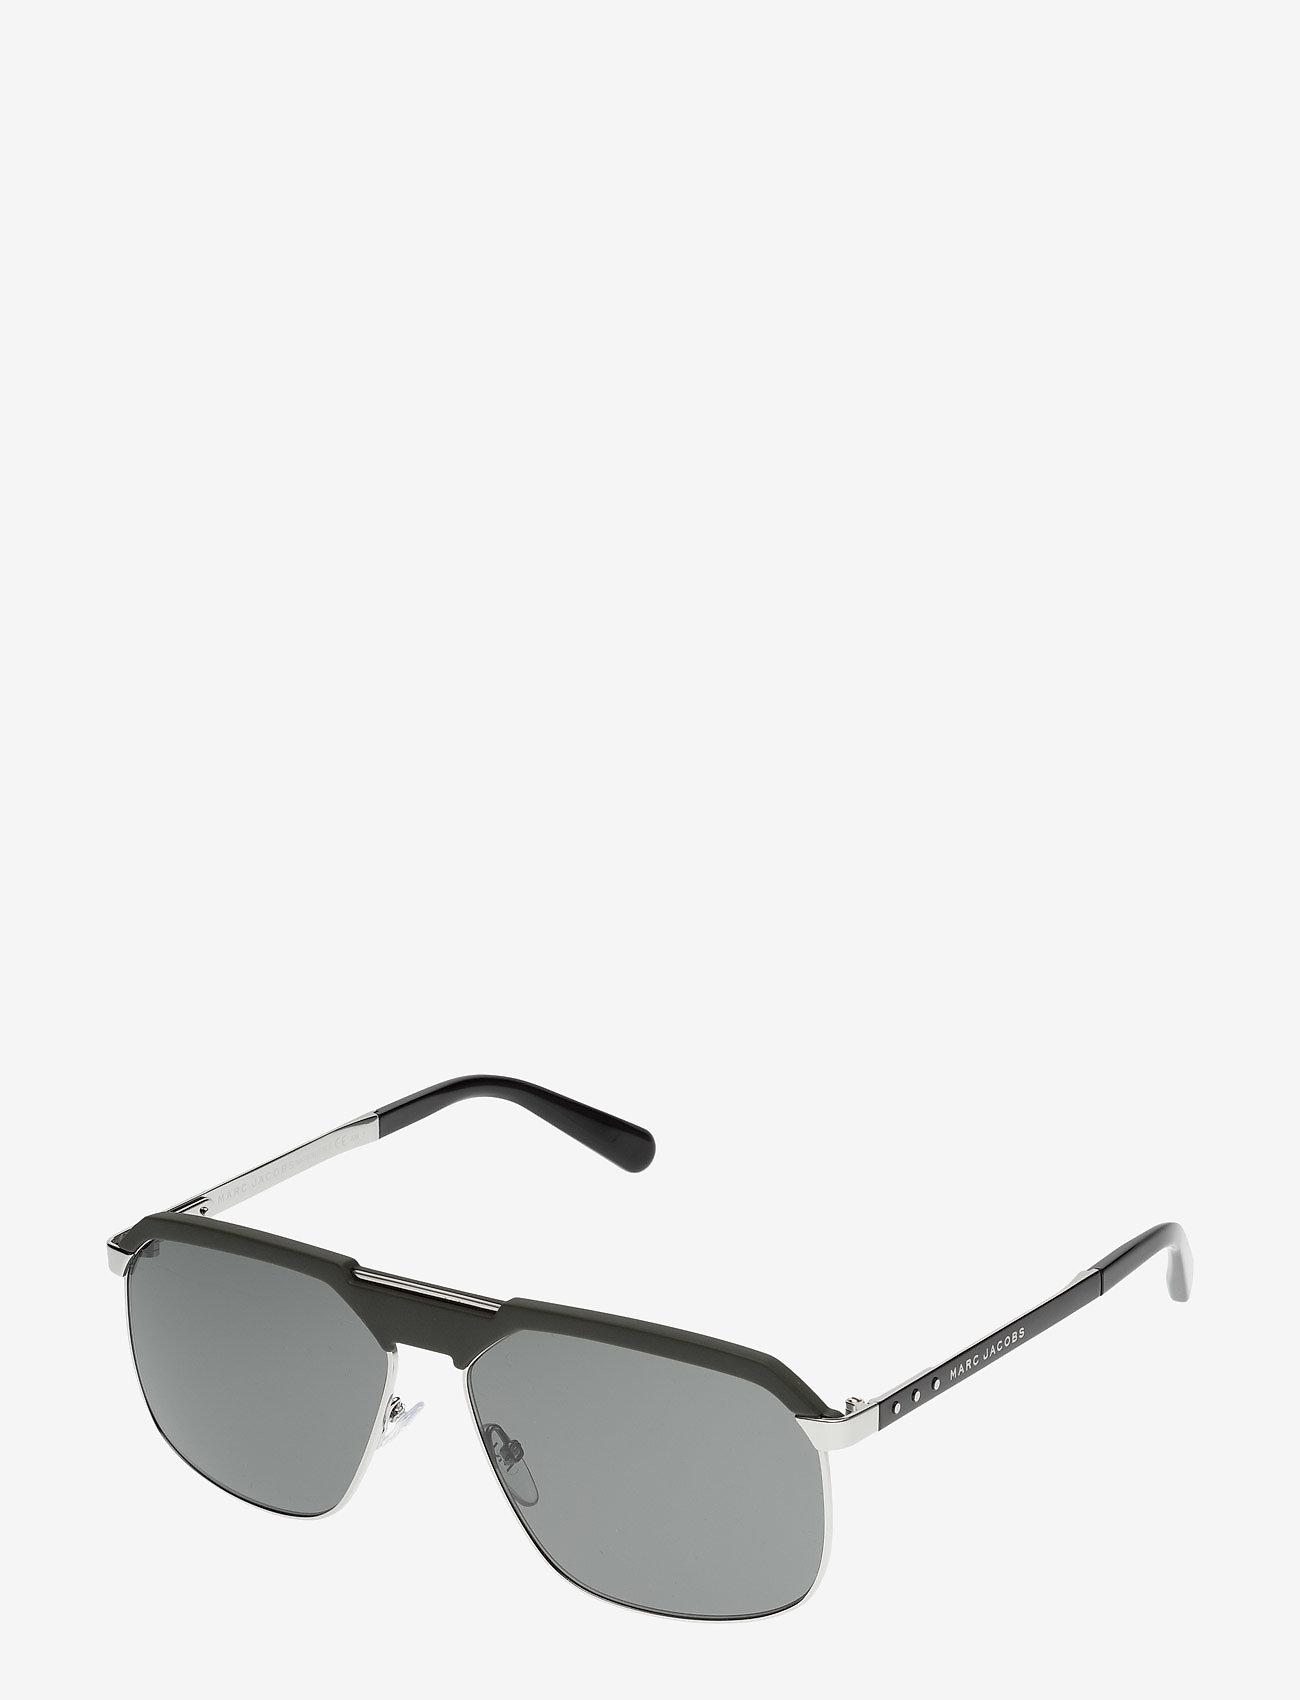 Marc Jacobs Sunglasses  MJ 625/S - Sonnenbrillen